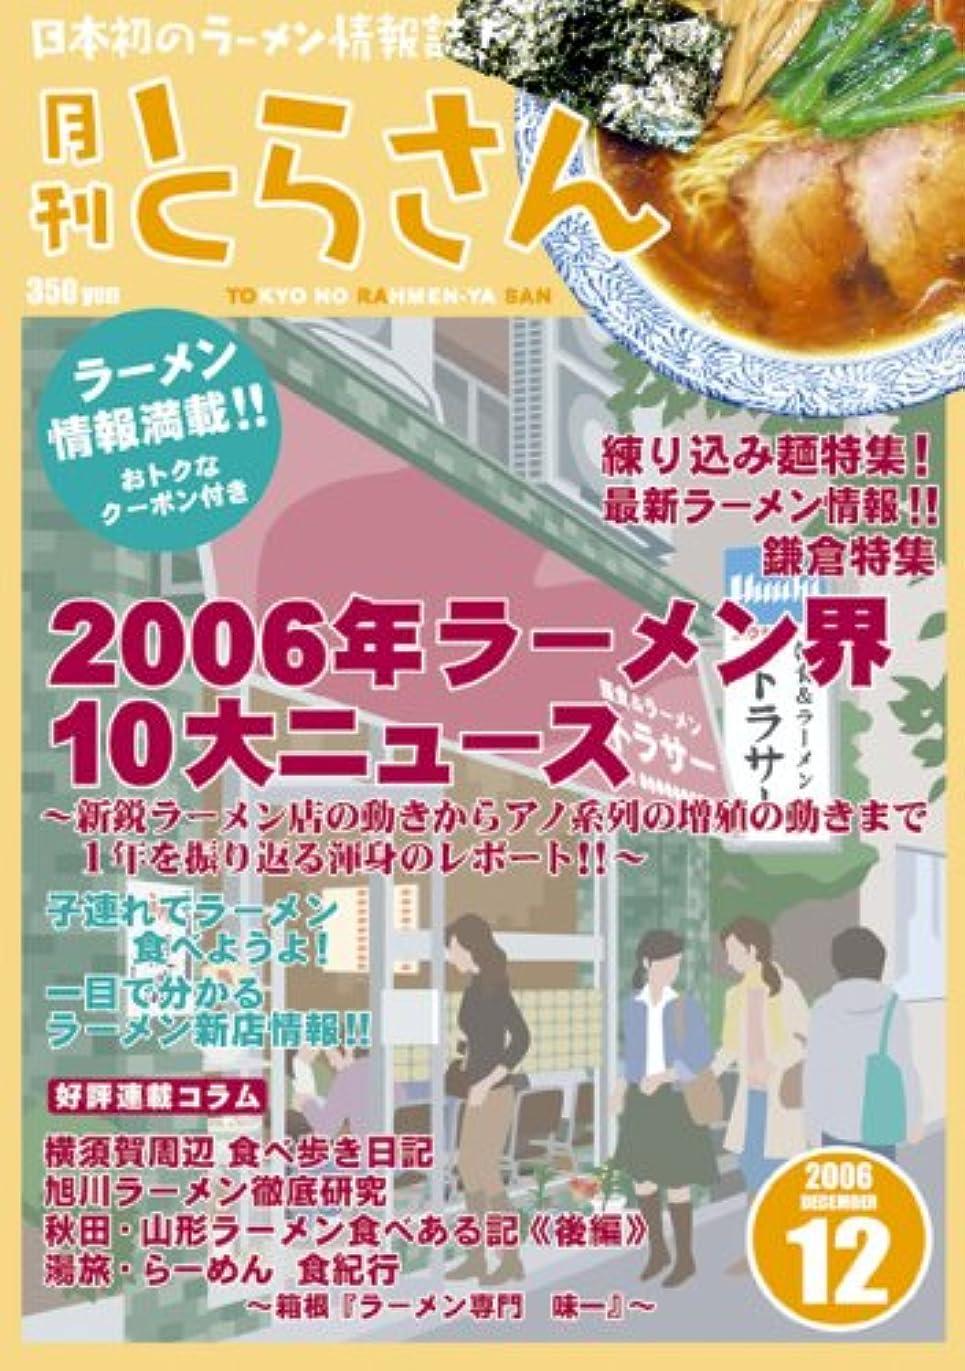 系譜れんがむちゃくちゃ日本初のラーメン情報誌 月刊とらさん 12月号